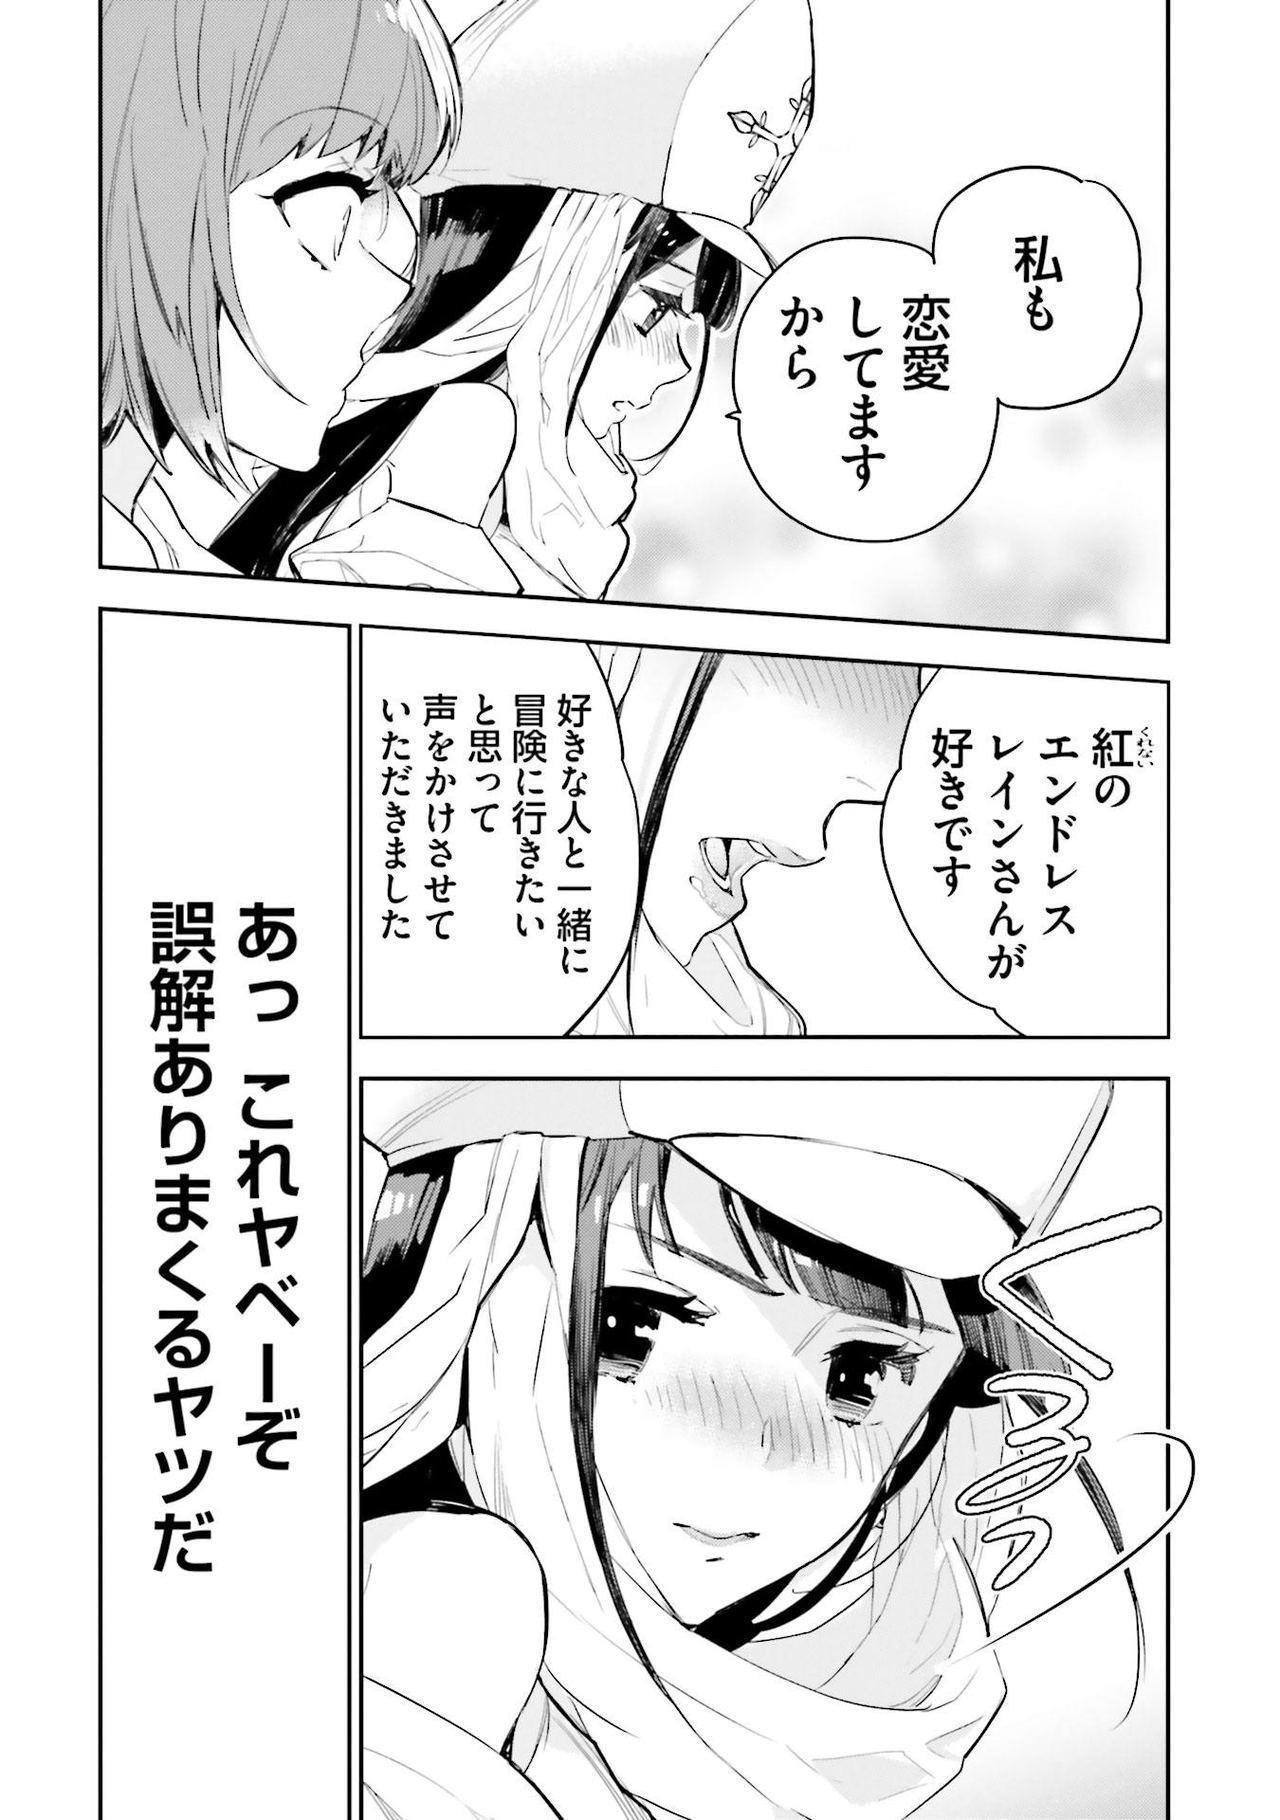 JK Haru wa Isekai de Shoufu ni Natta 1-14 198